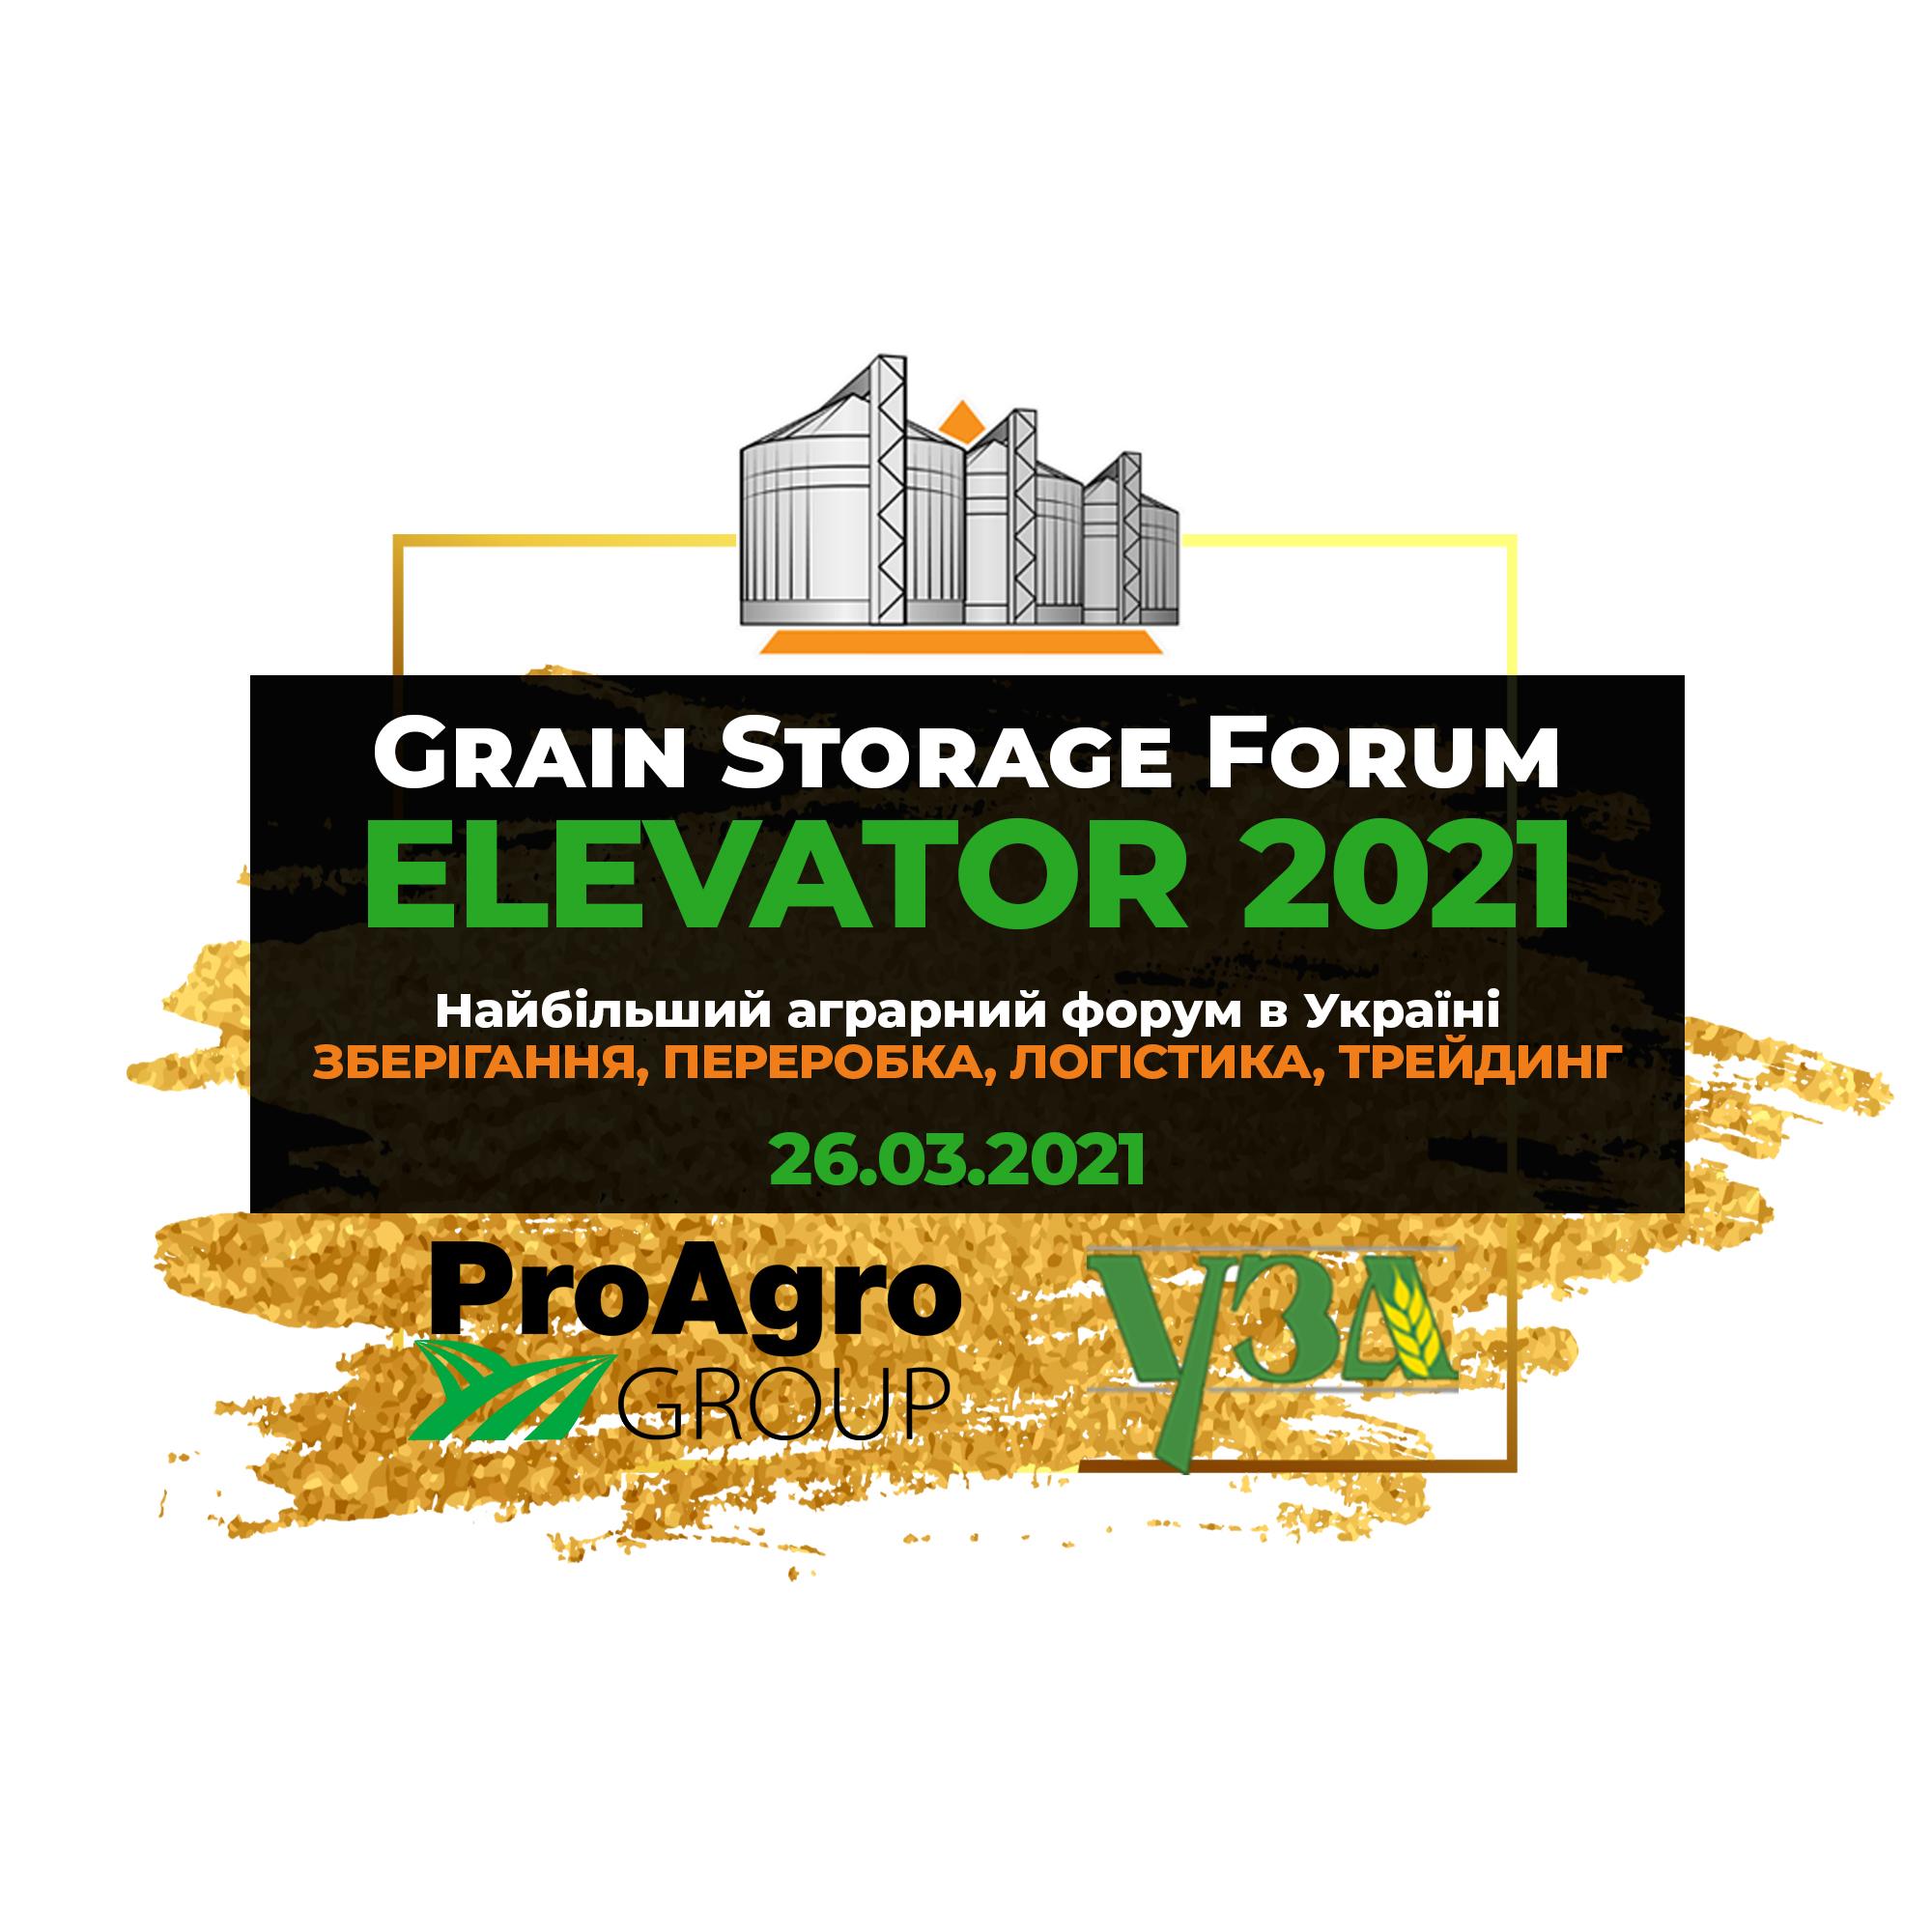 elevator_2021_26-03-2021